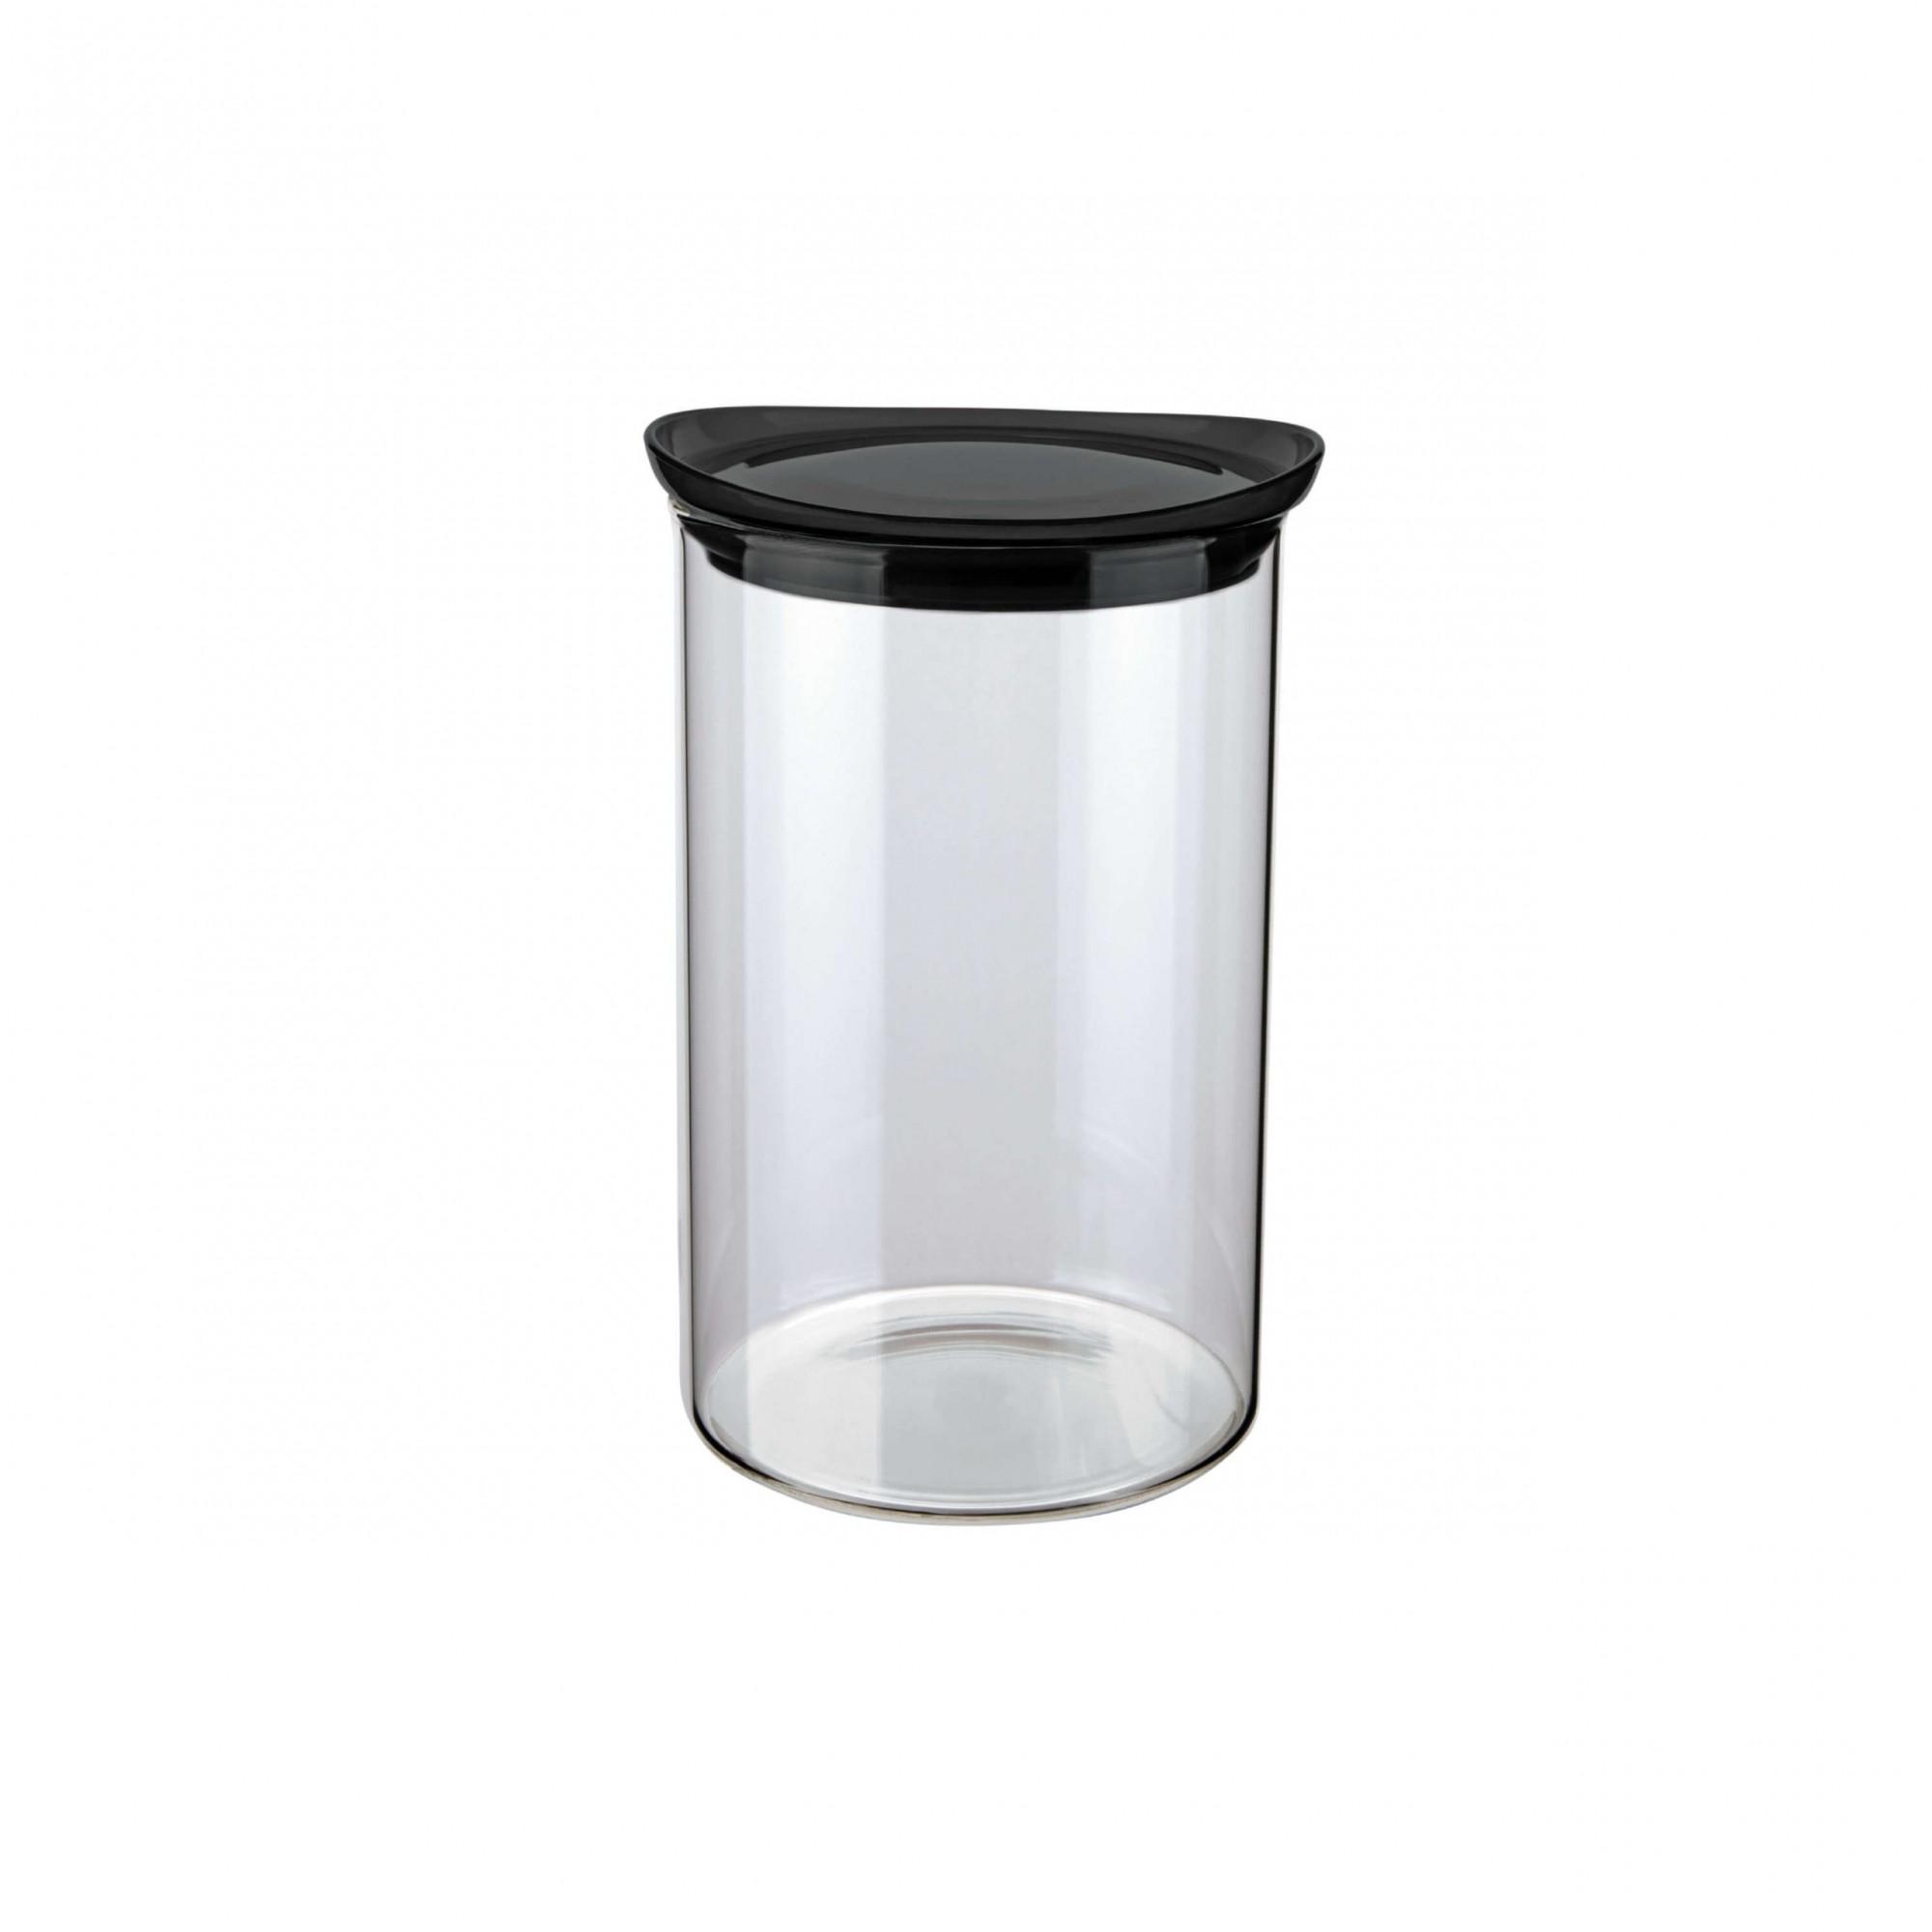 Pote de Vidro Slim Tampa Preta Hermético 1L 17,5x13x13cm